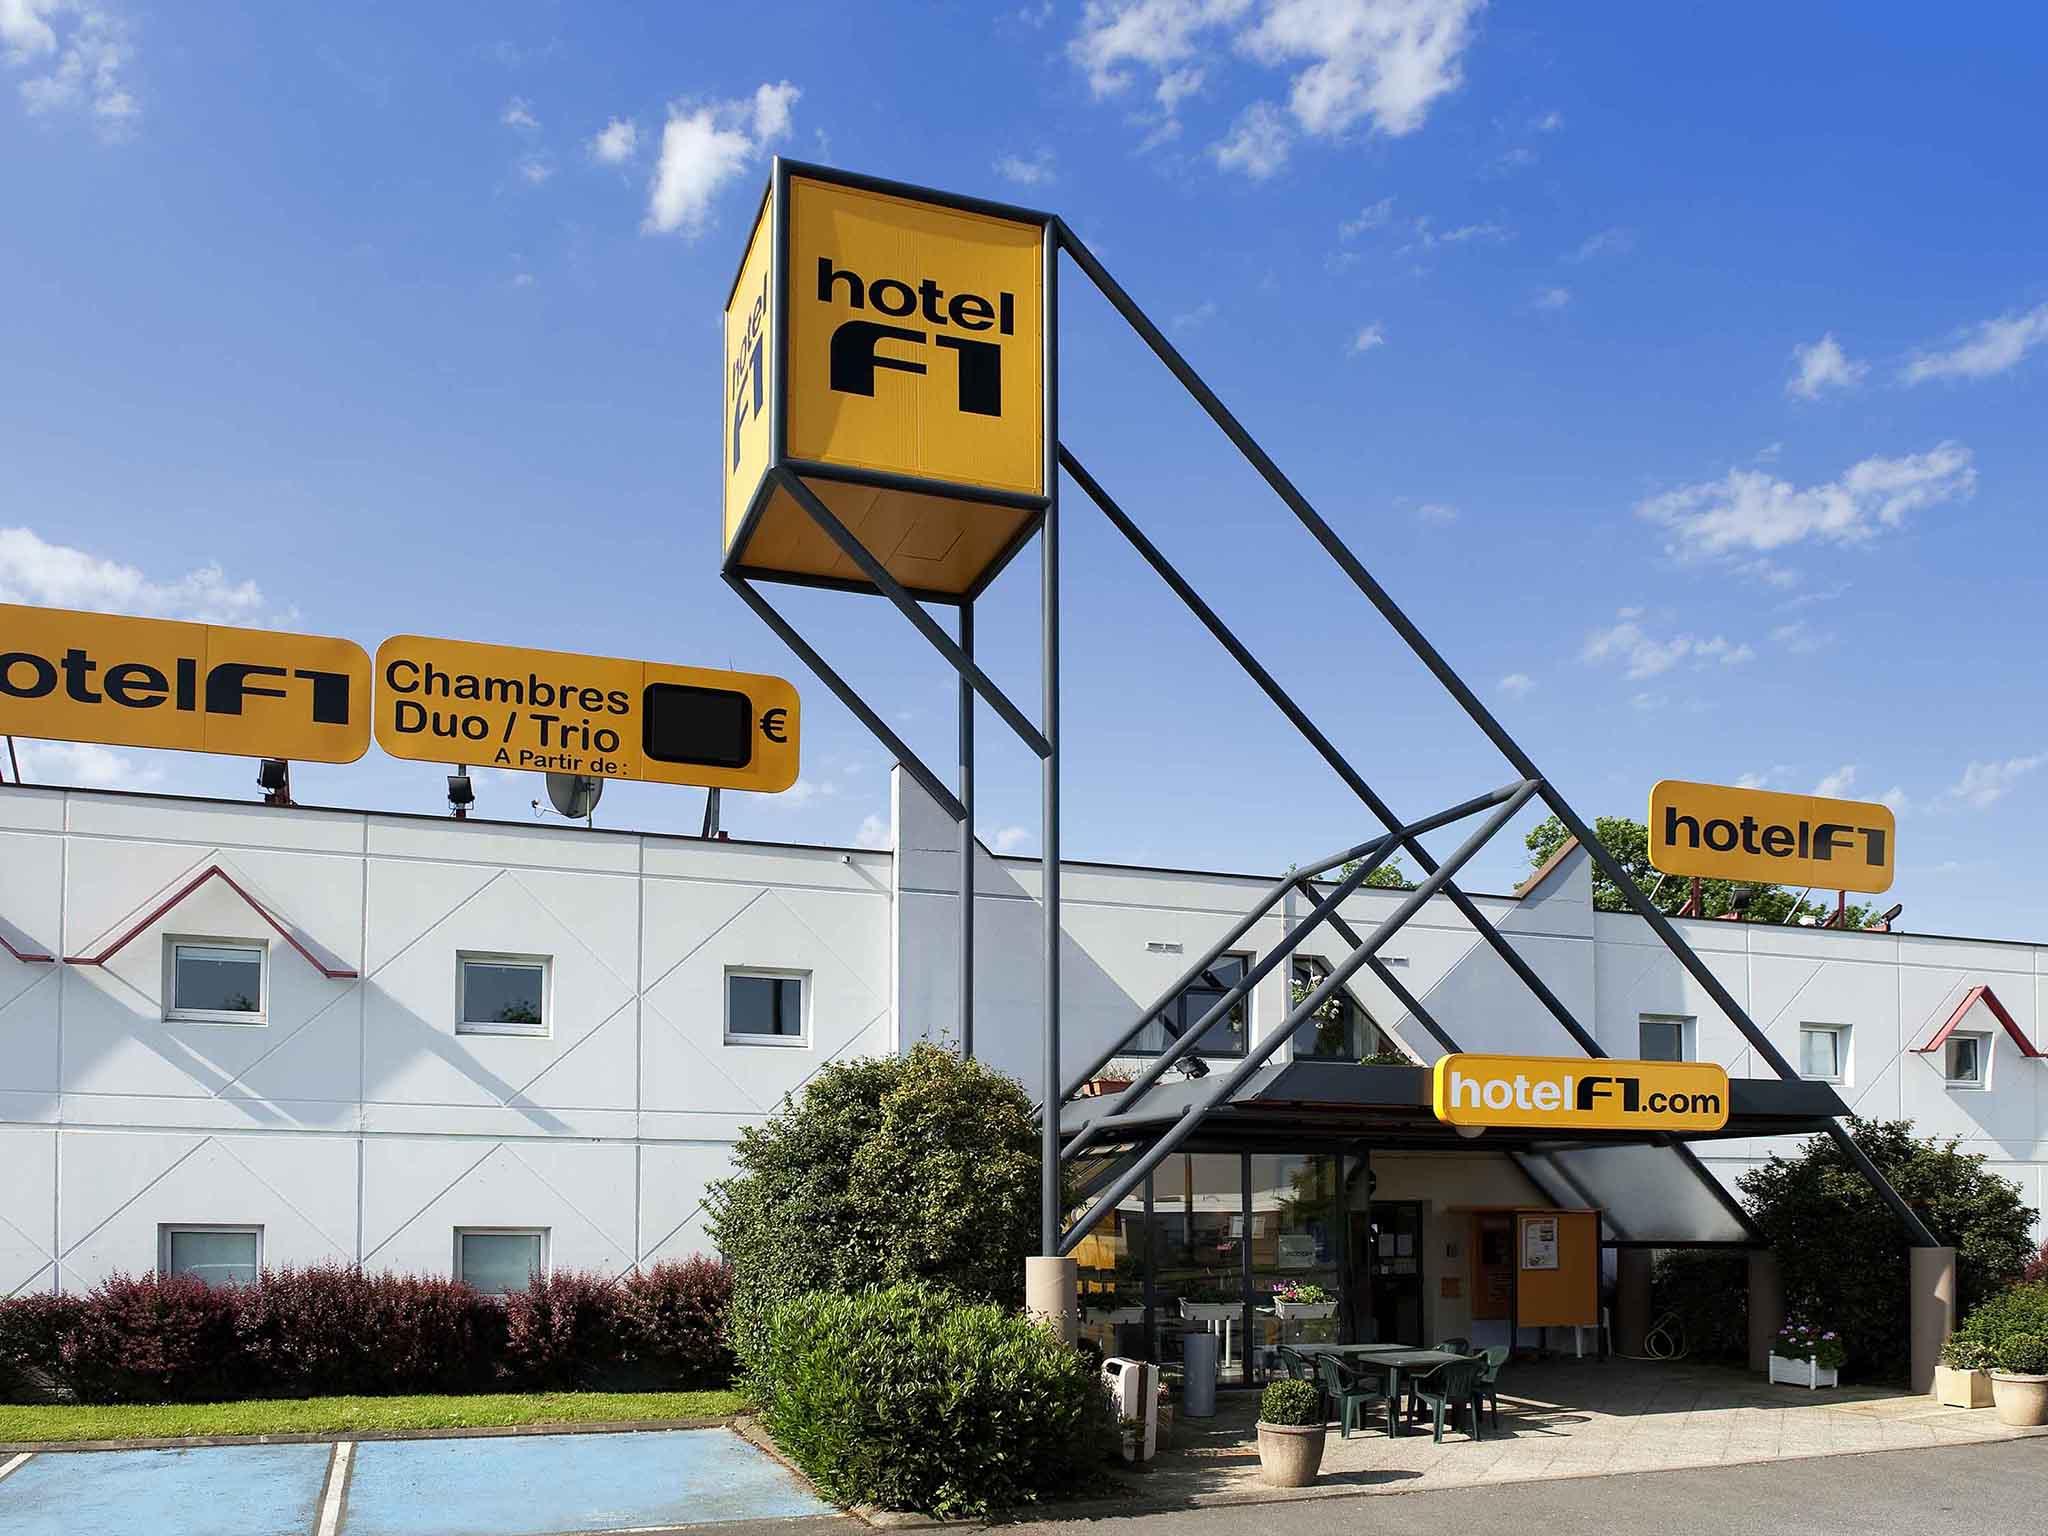 Otel – hotelF1 Brive Ussac